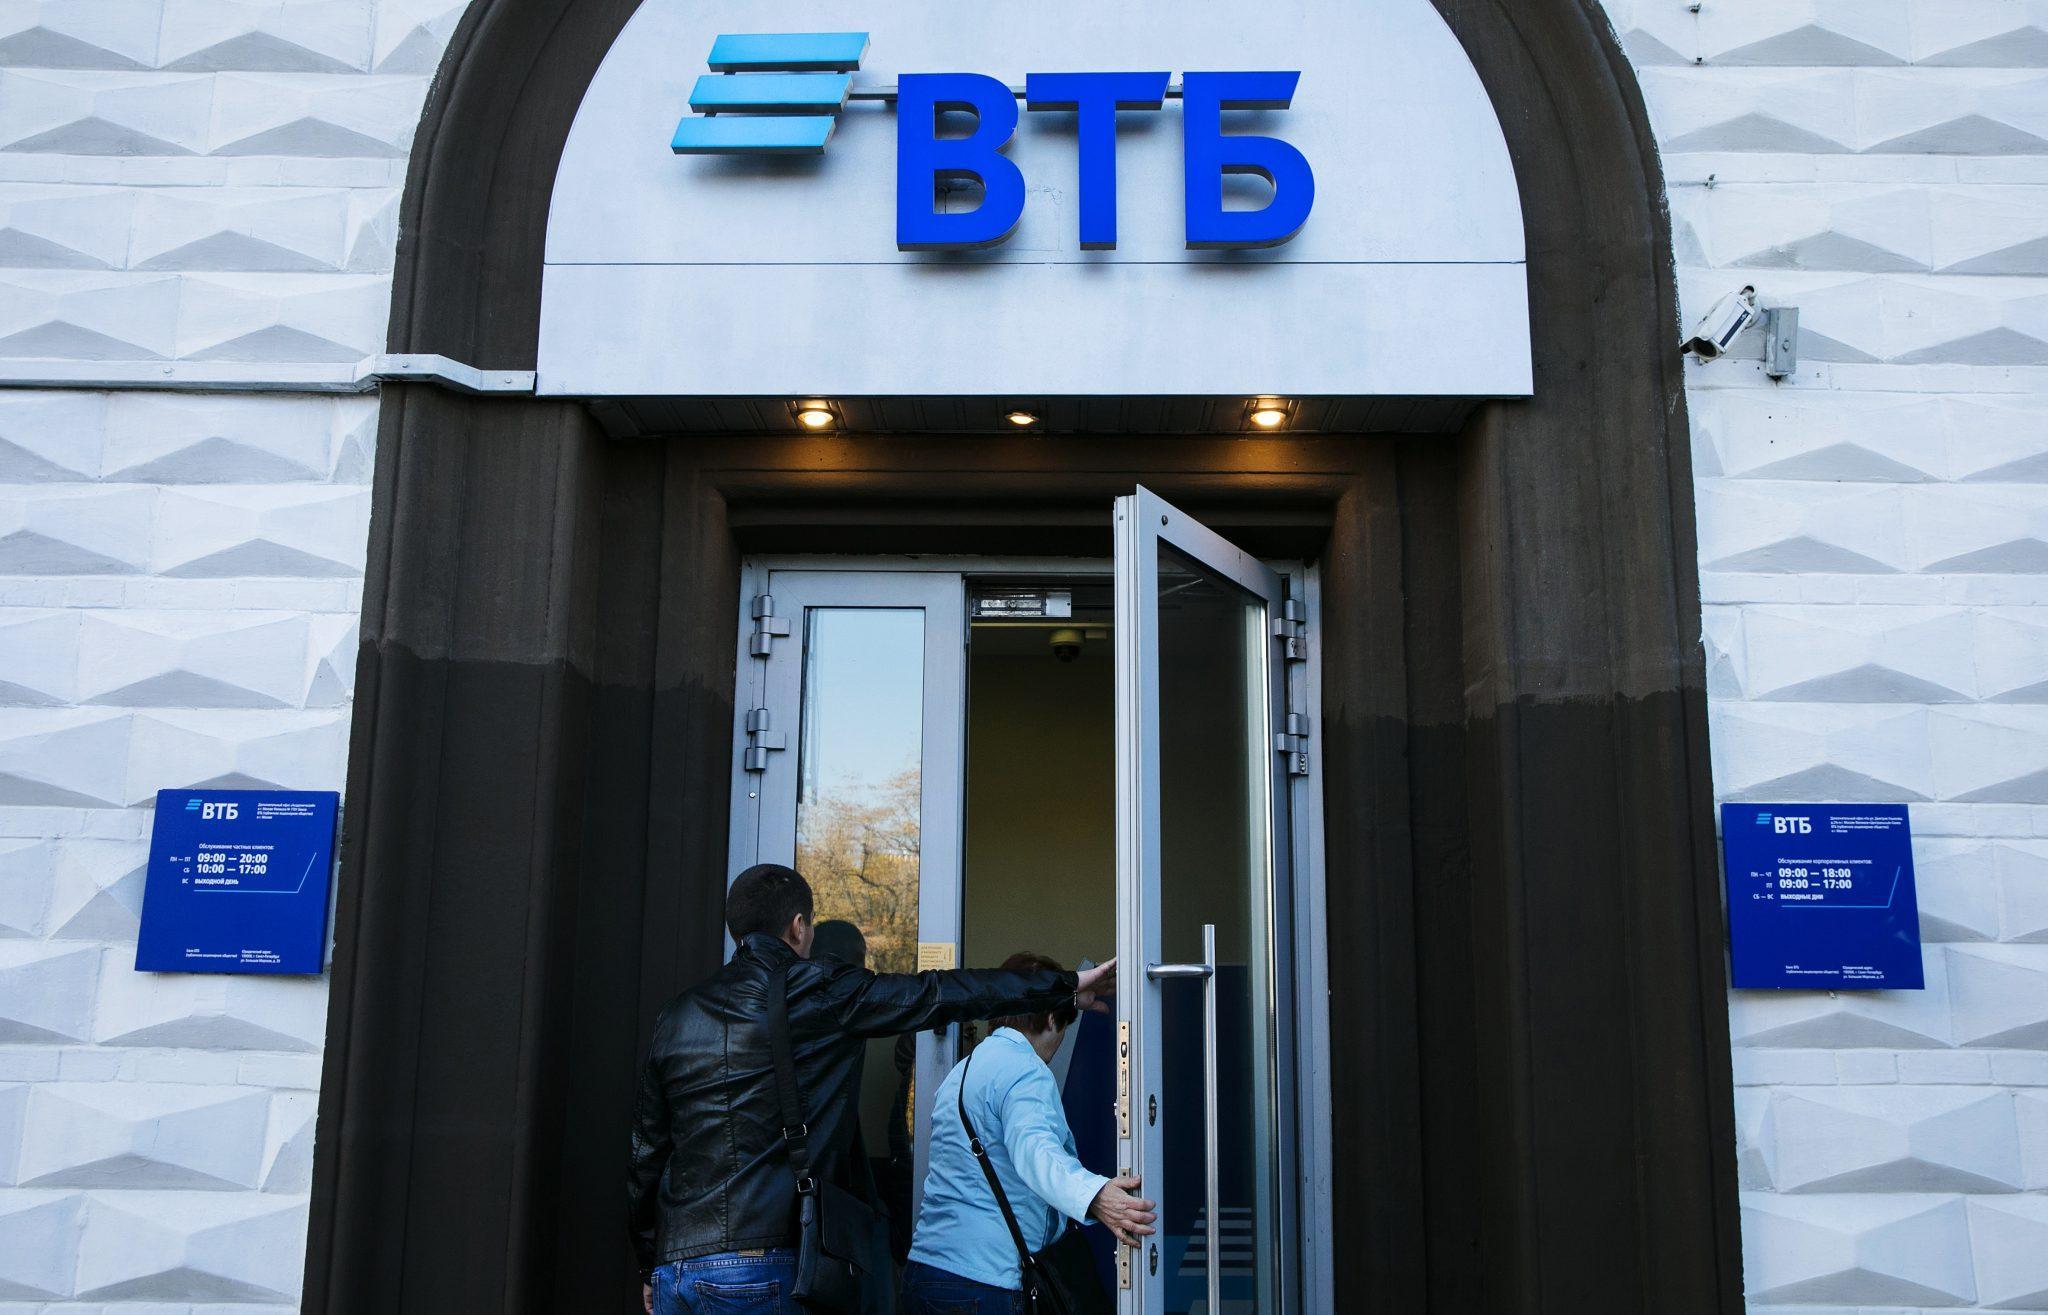 ВТБ снижает ставки по ряду ипотечных программ - новости Афанасий